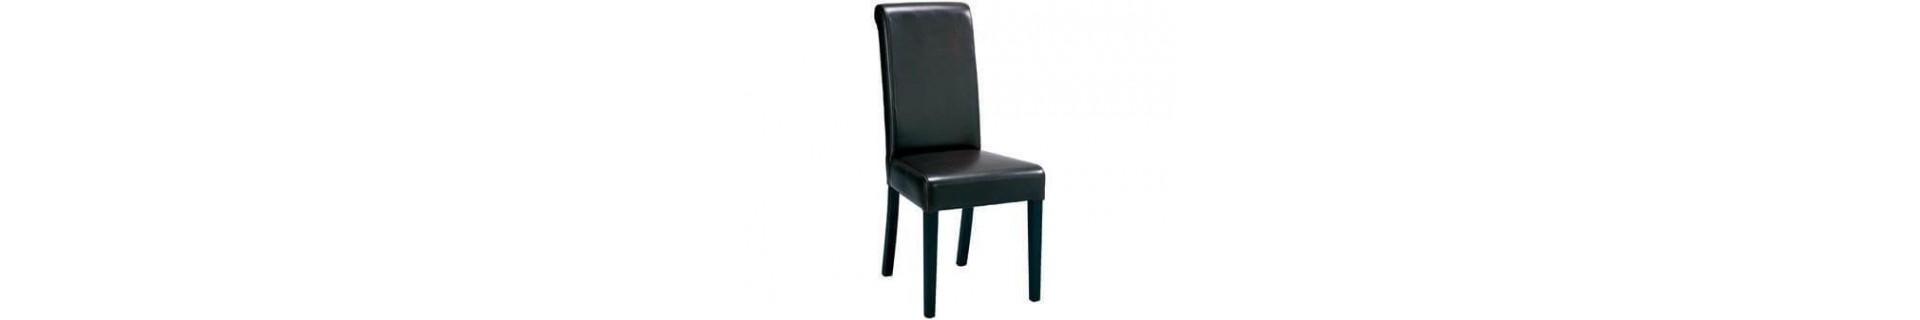 chaise haute rembourrée : housses de chaise